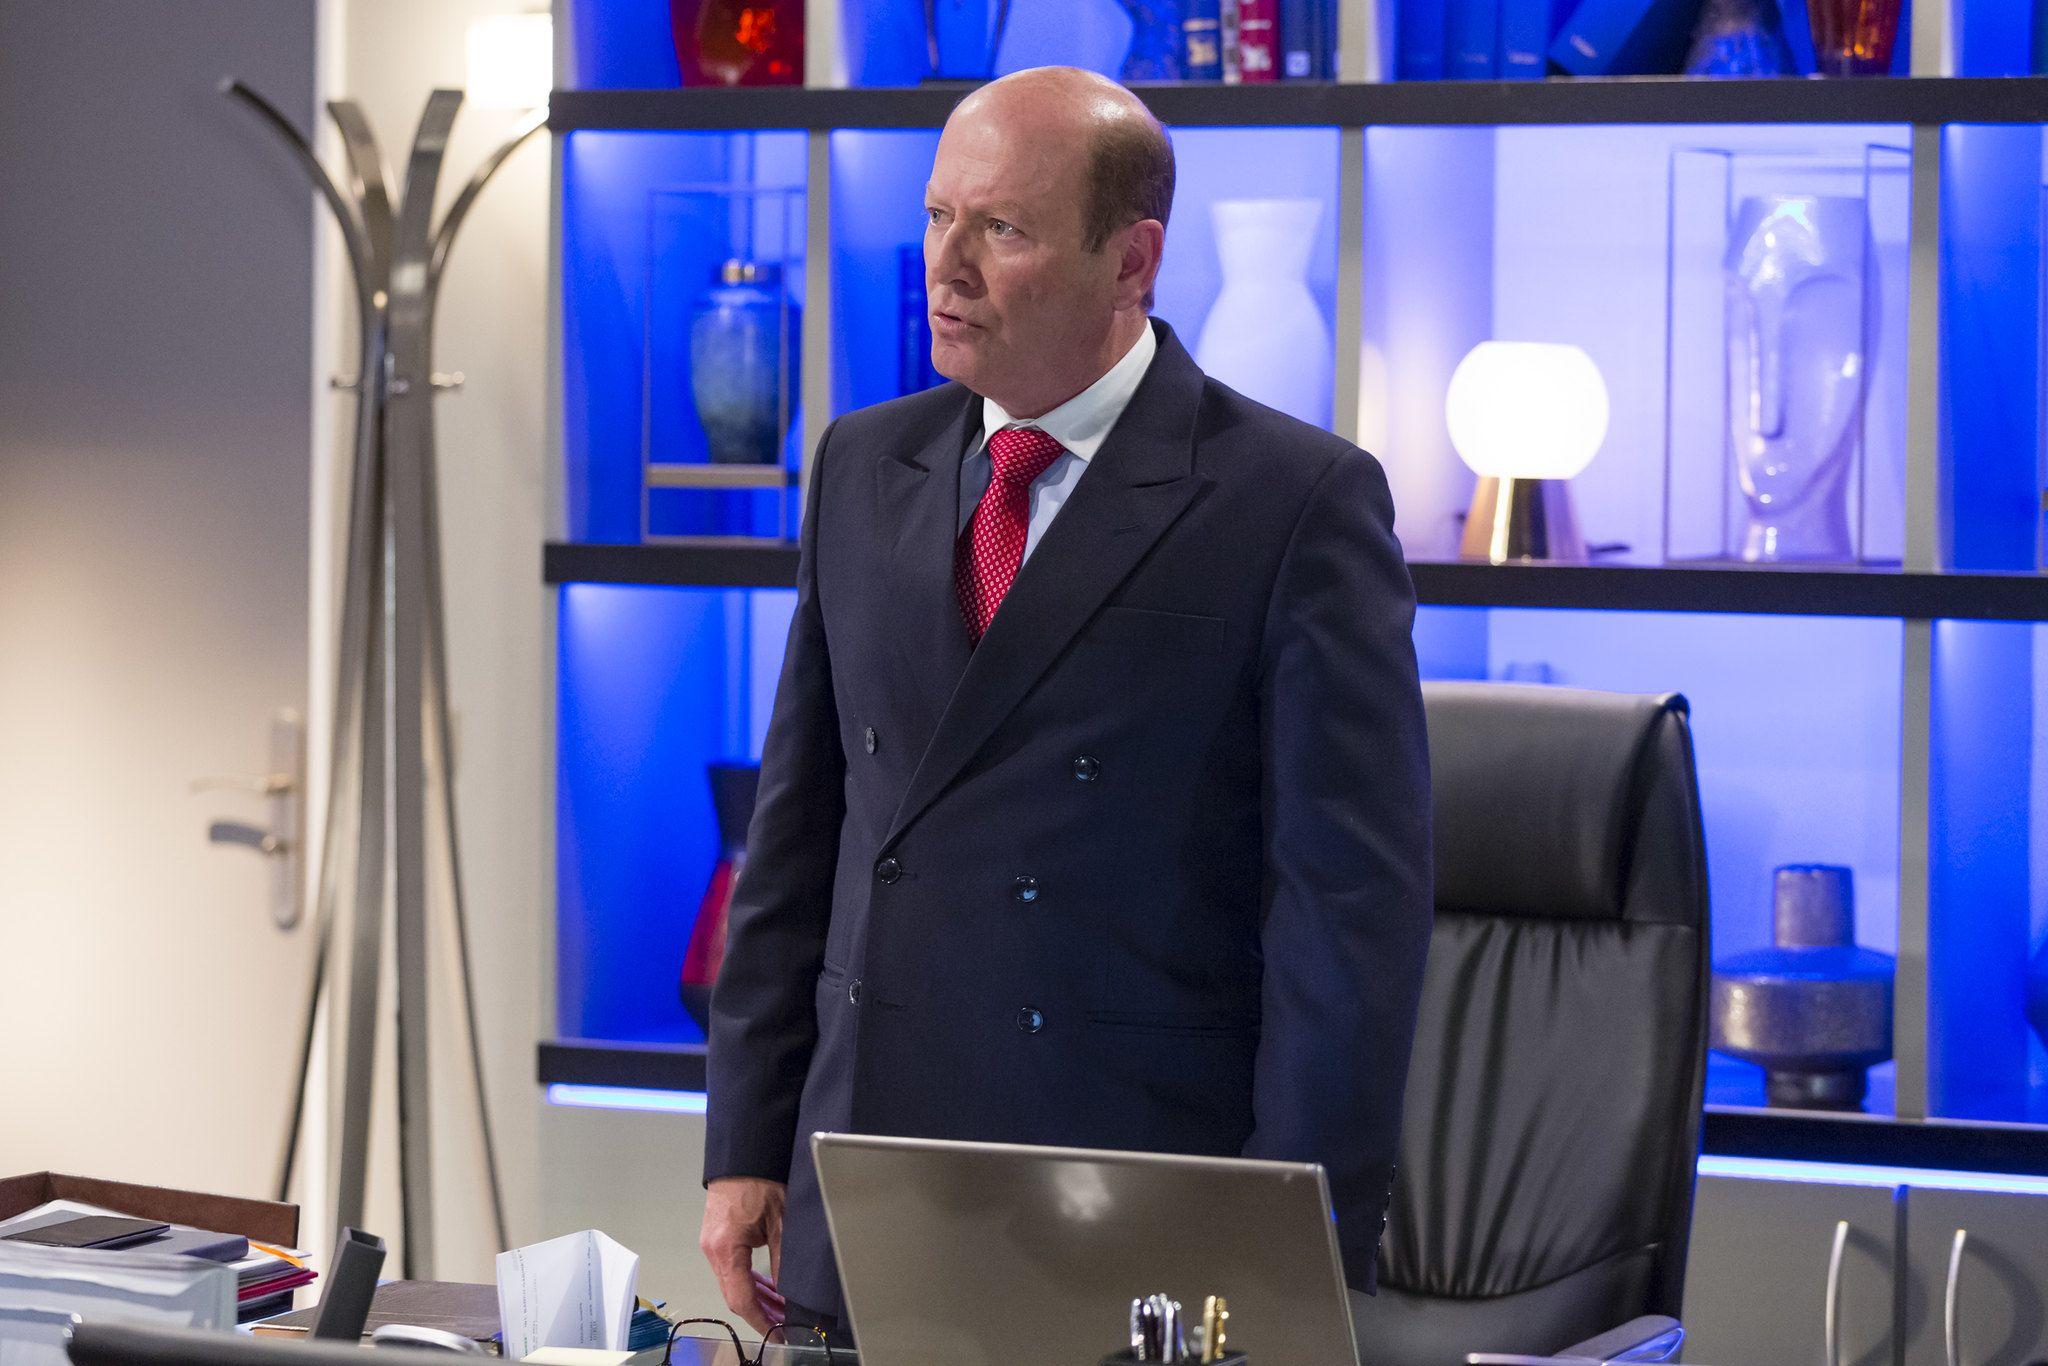 Miguel é o atual presidente do banco / Divulgação